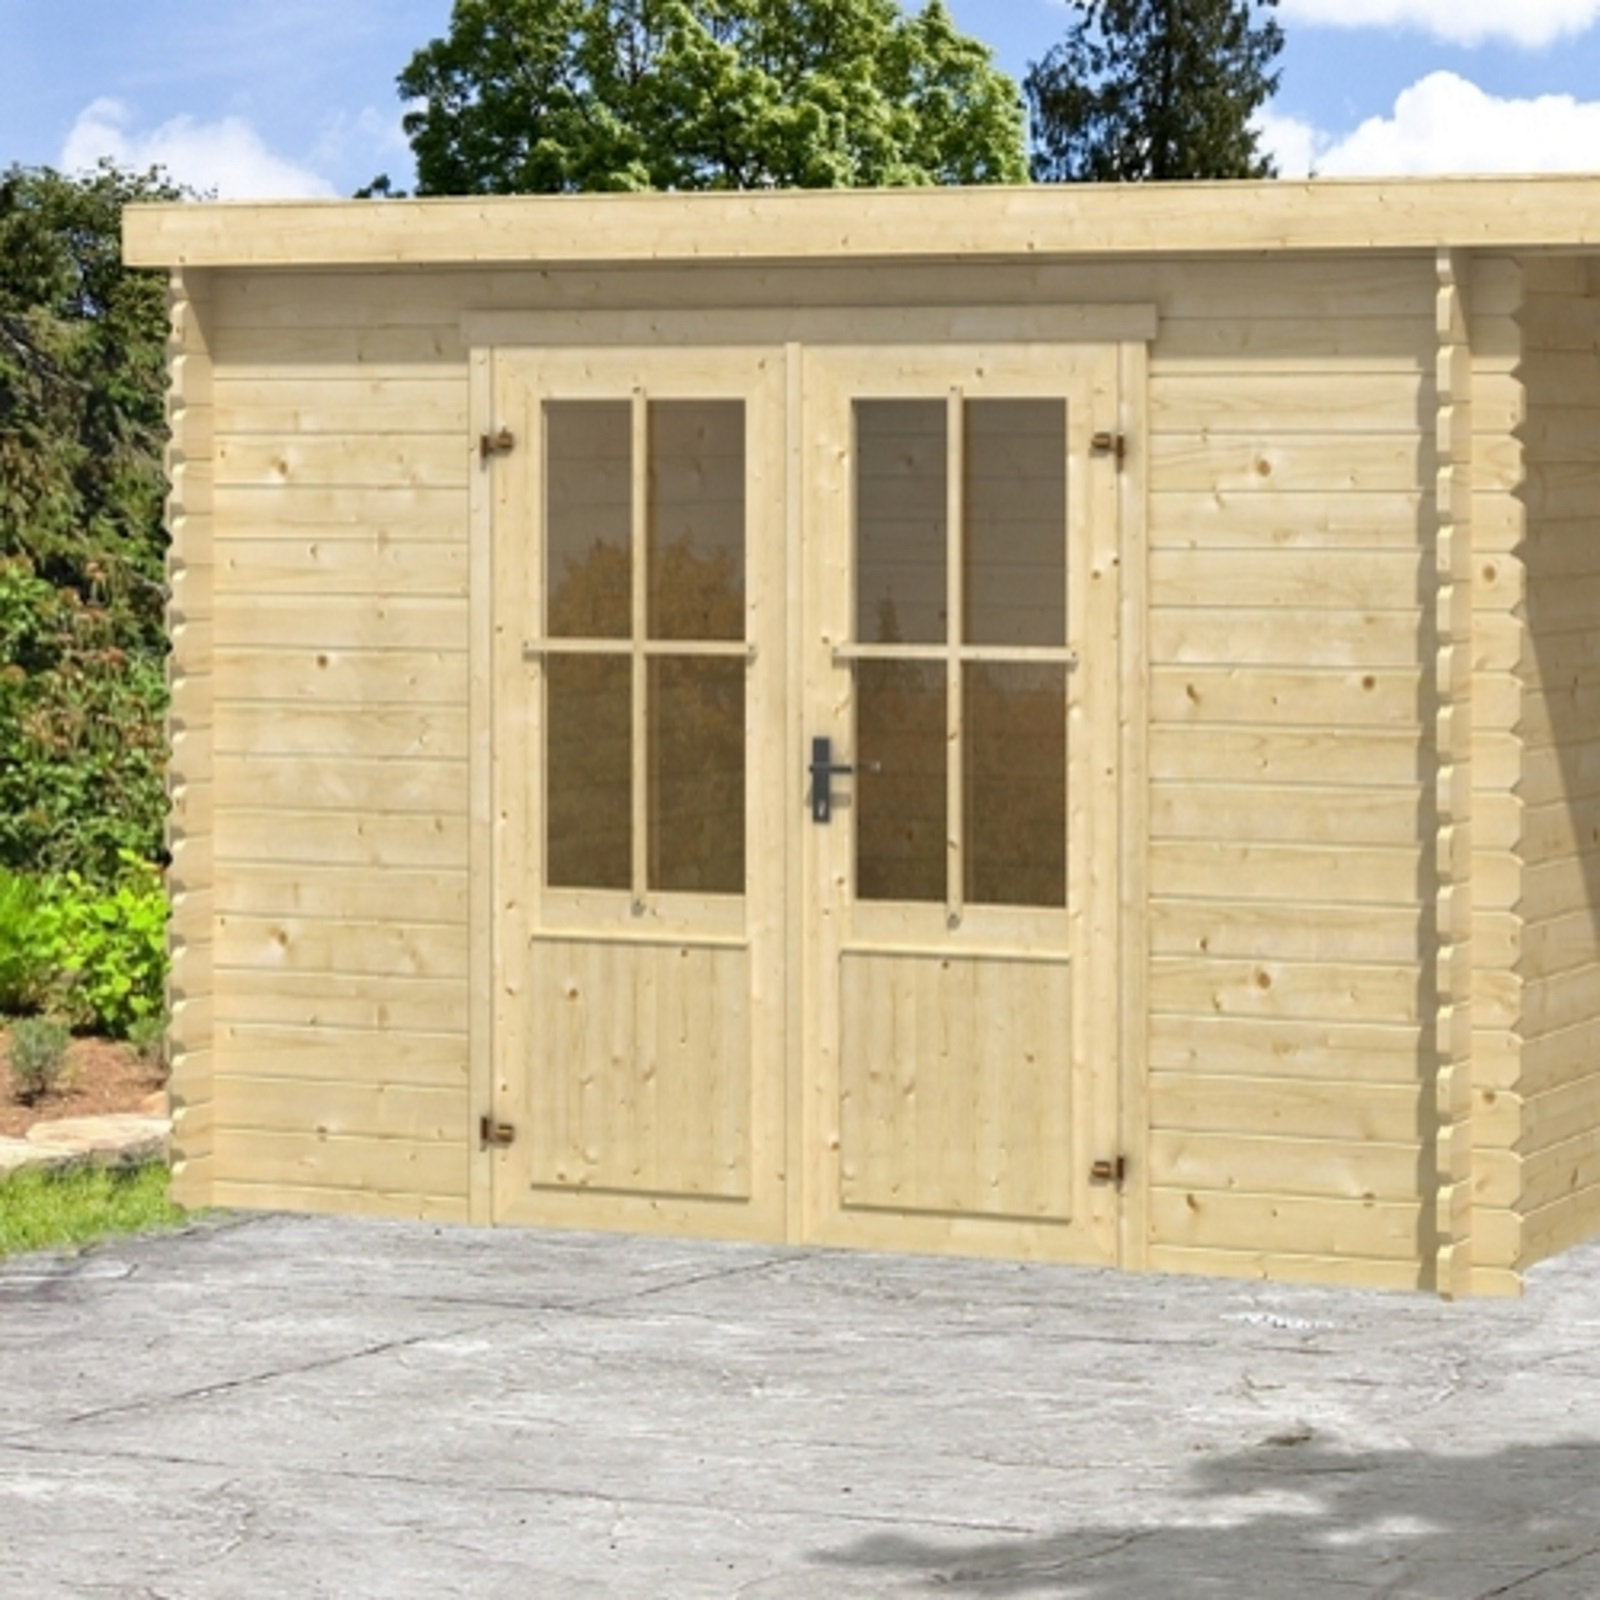 Ebay Gartenhaus Gebraucht Gartenlaube Holz Welches Gartenhaus Welcher Gebraucht With Ebay